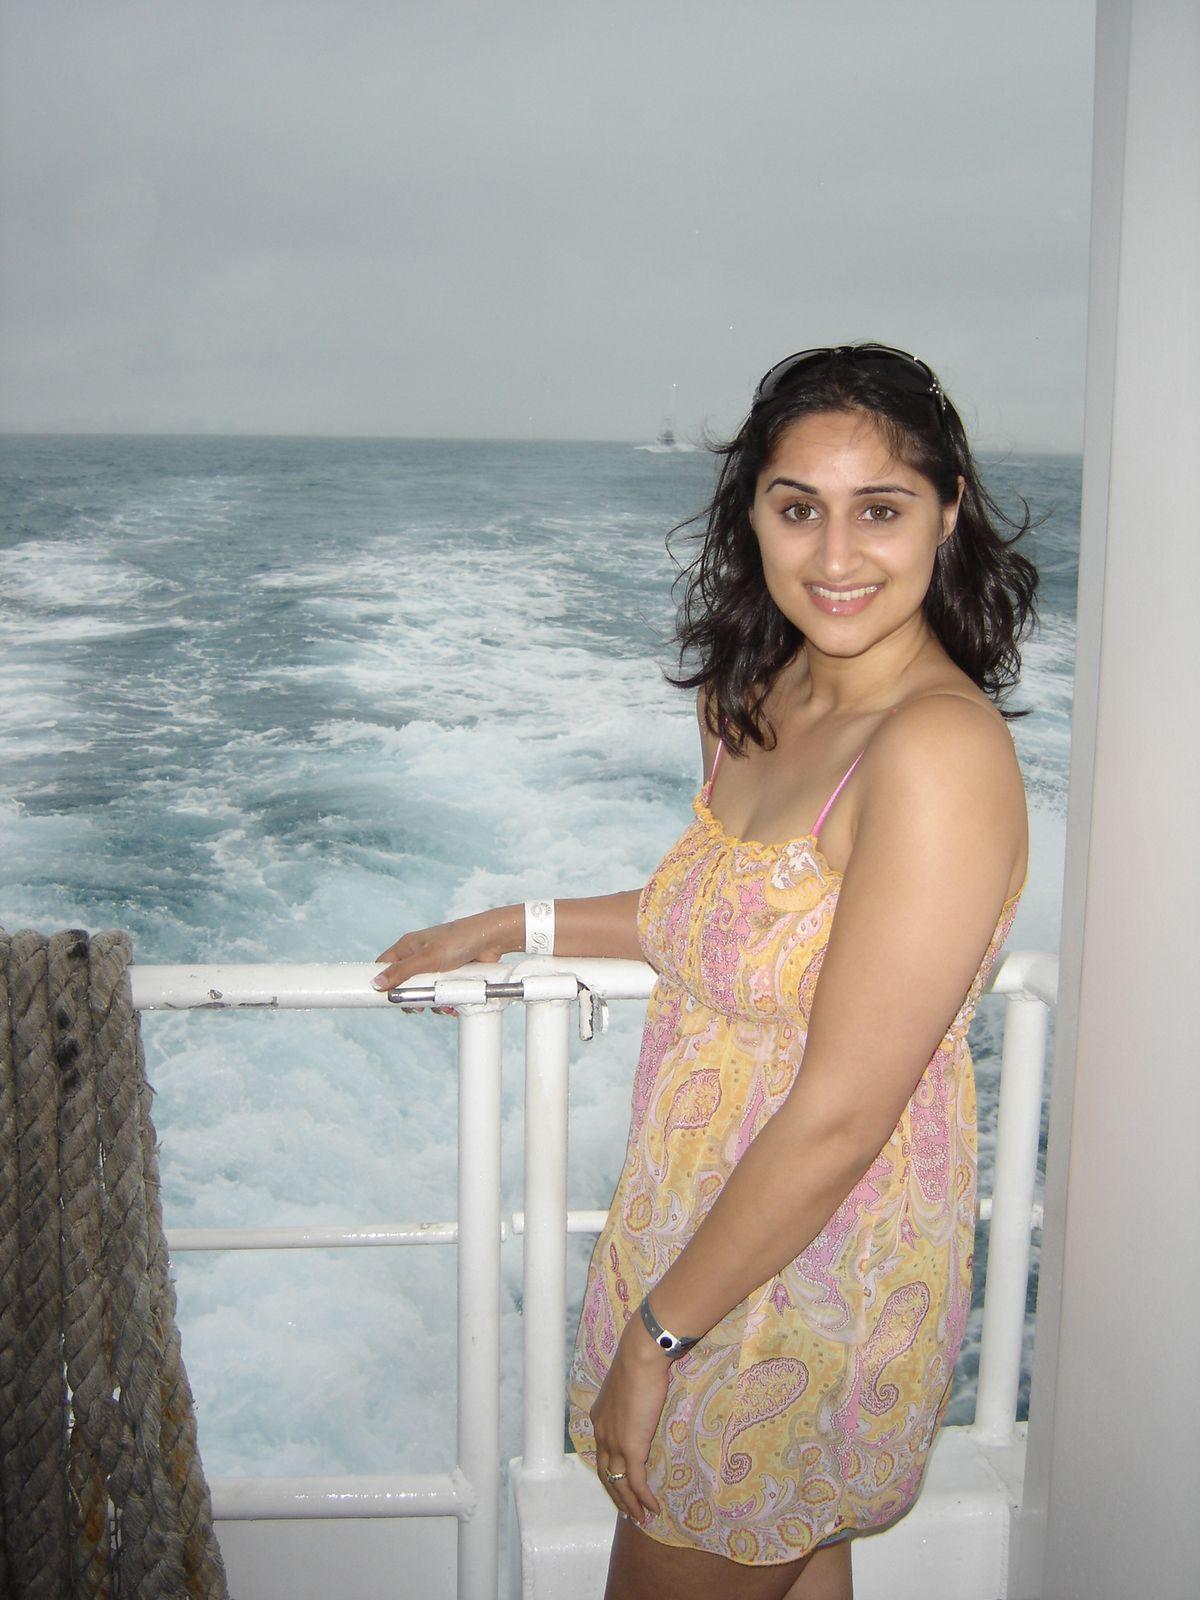 desi wife gangbang sex antarwasna kahani hindipornstories.org par